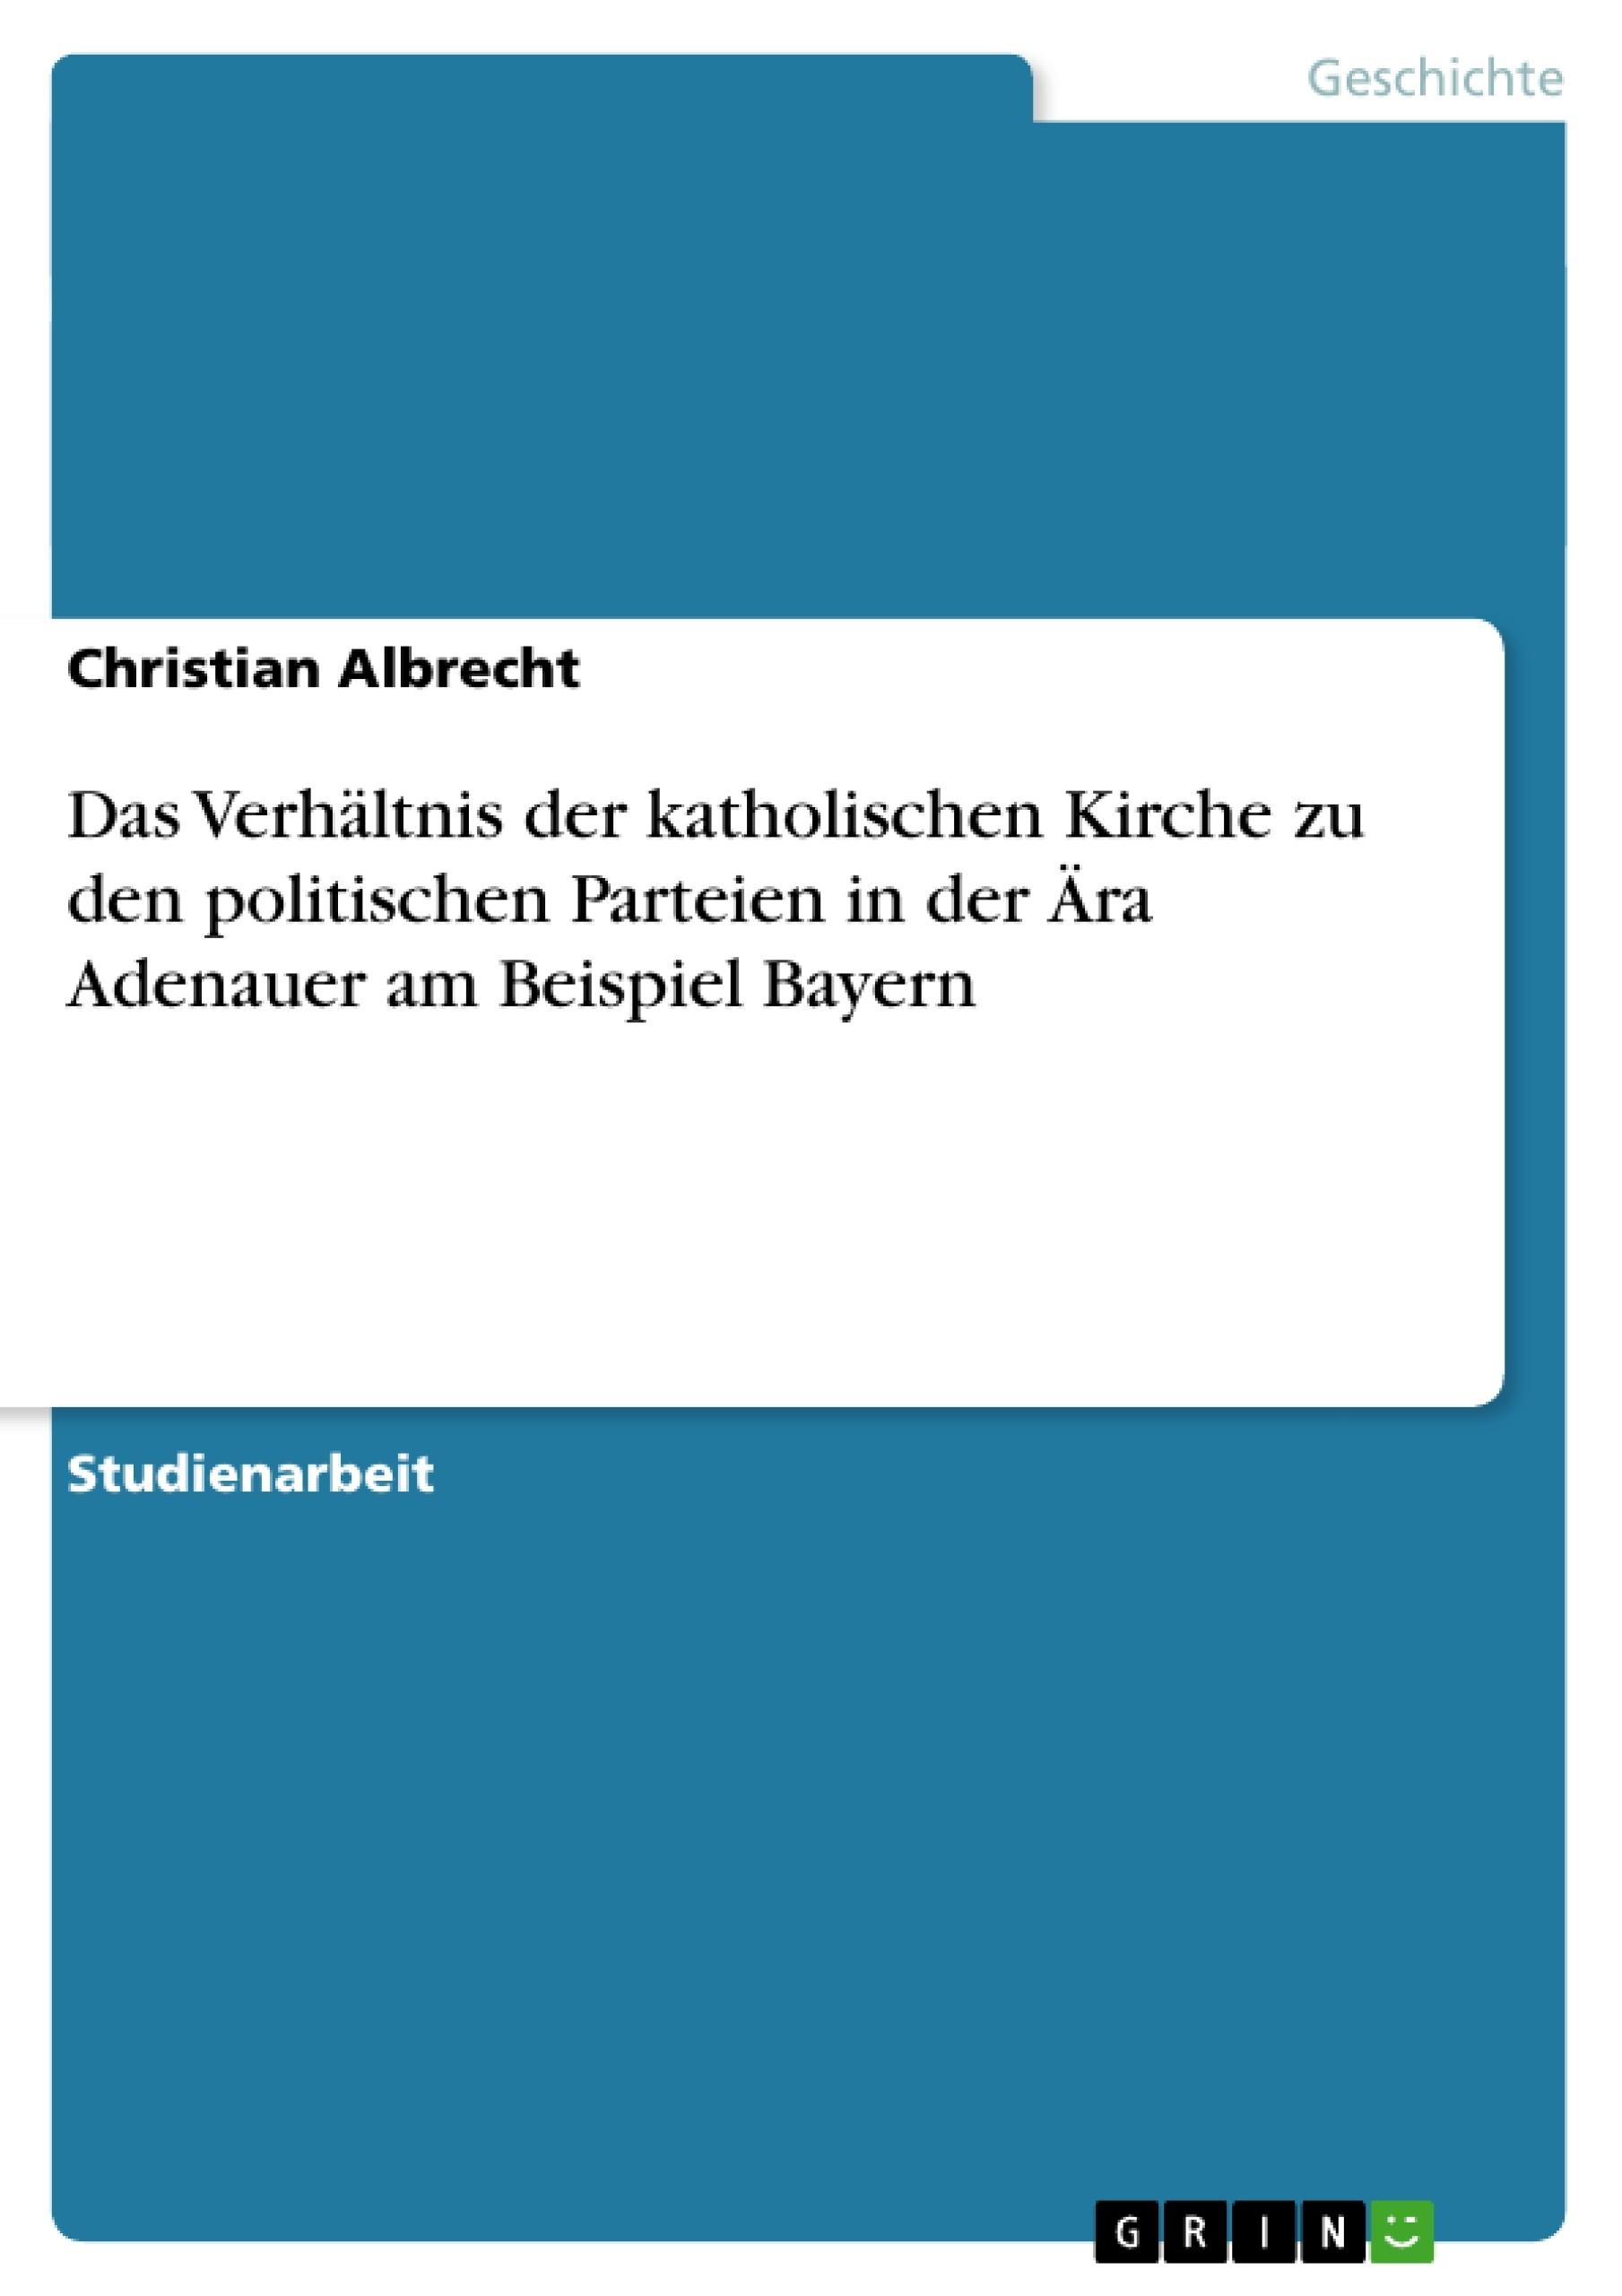 Titel: Das Verhältnis der katholischen Kirche zu den politischen Parteien in der Ära Adenauer am Beispiel Bayern